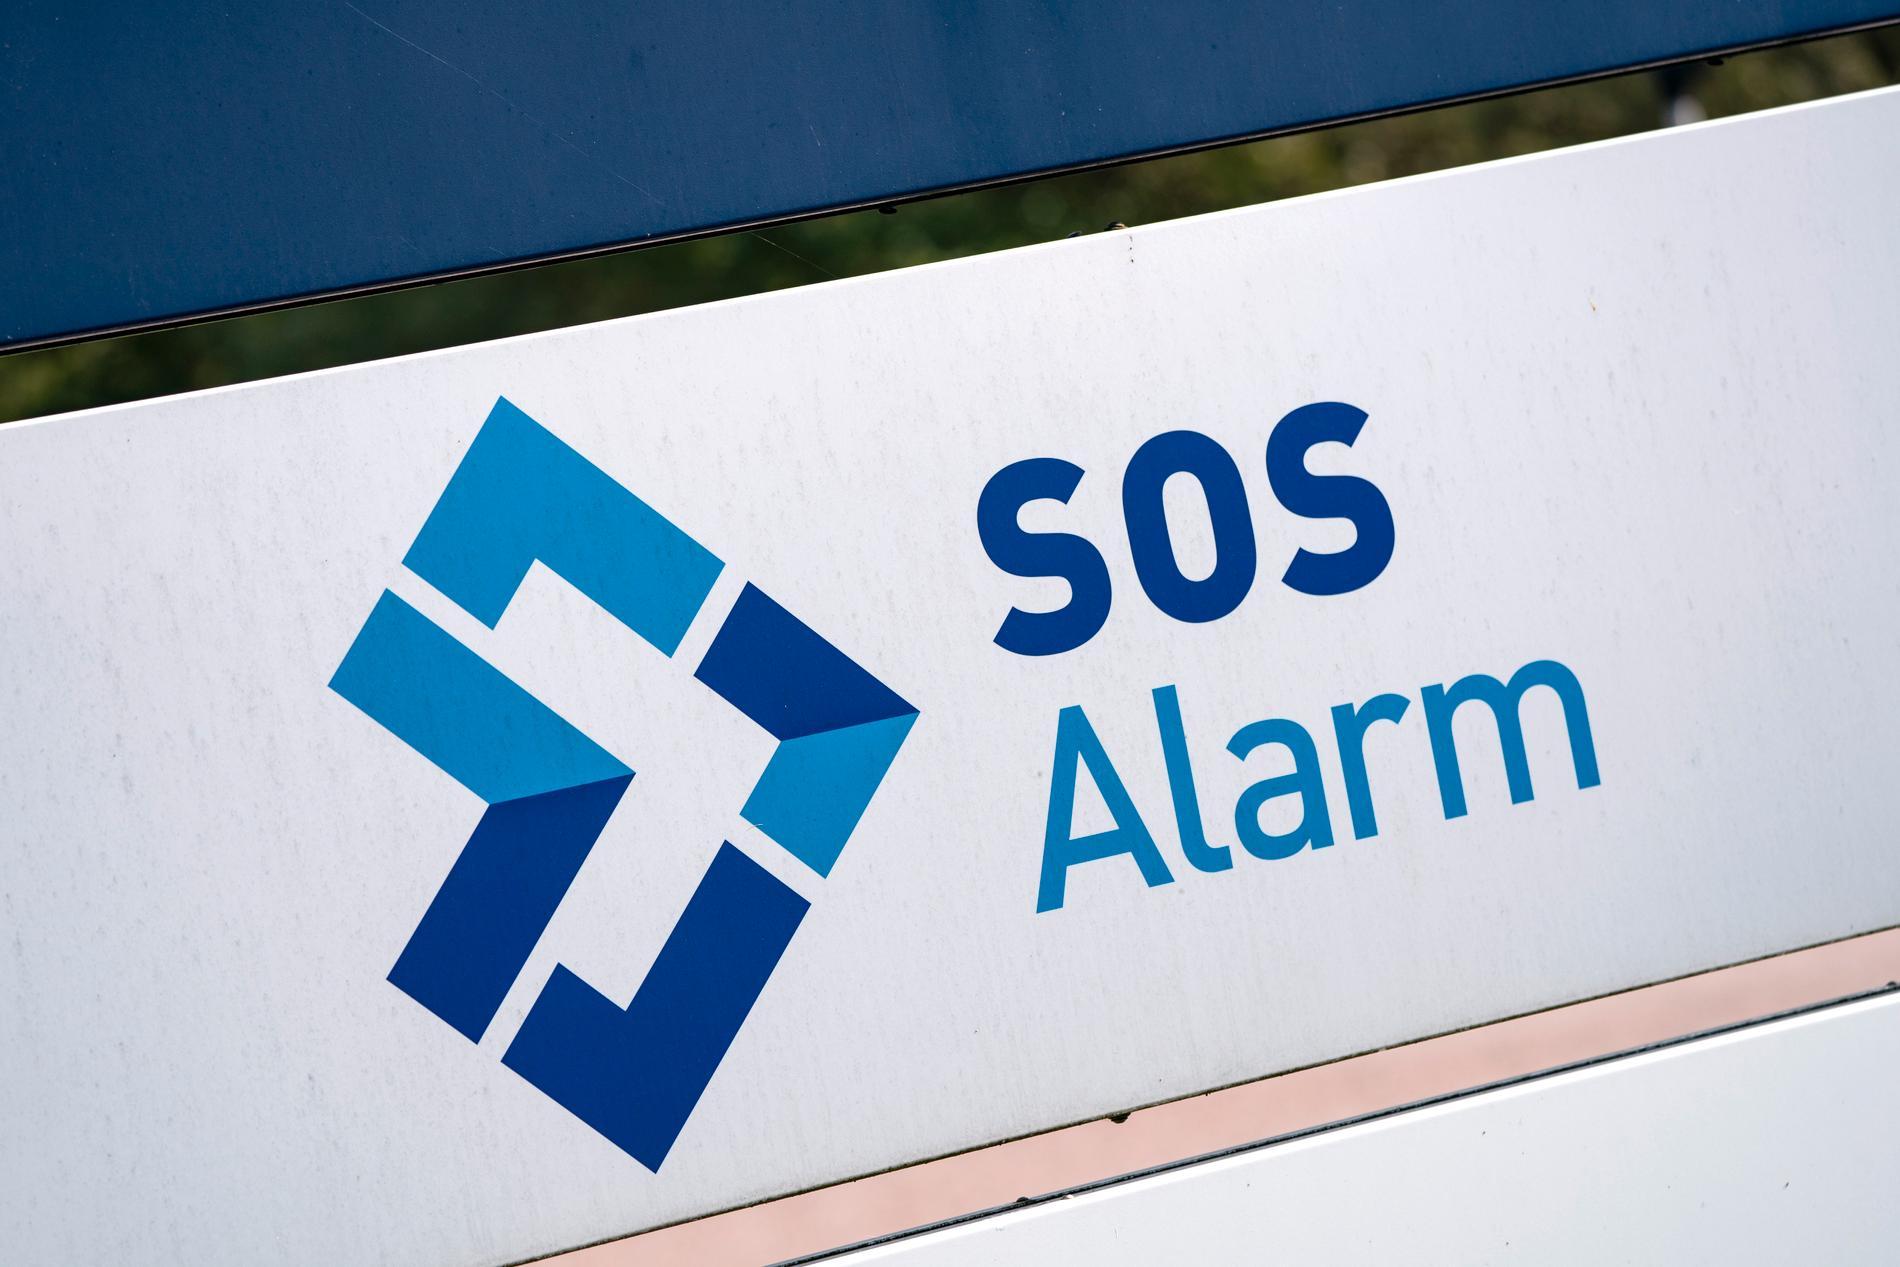 SOS ska man kontakta vid akuta nödsituationer. Arkivbild.